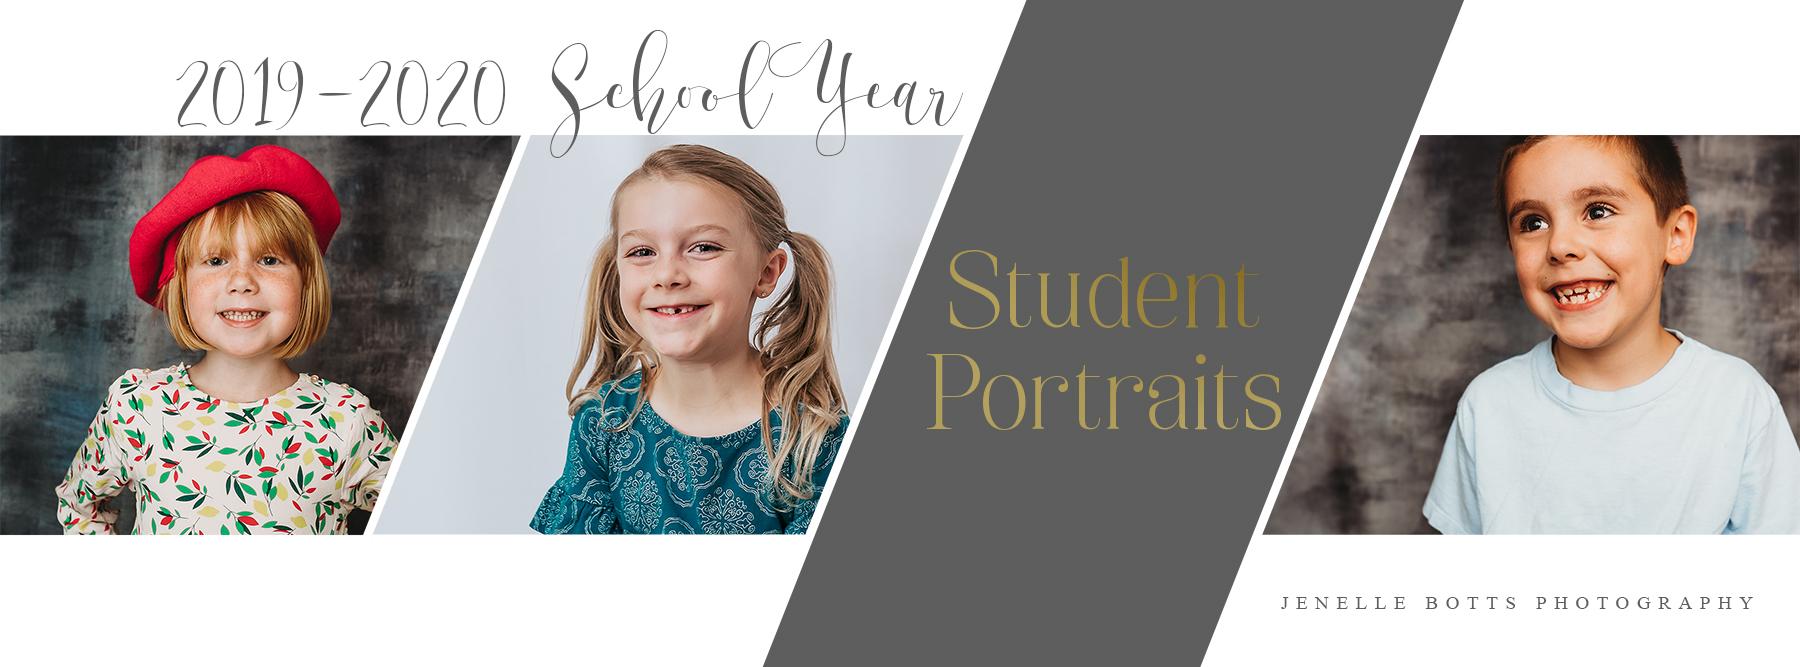 school photos page header2.jpg